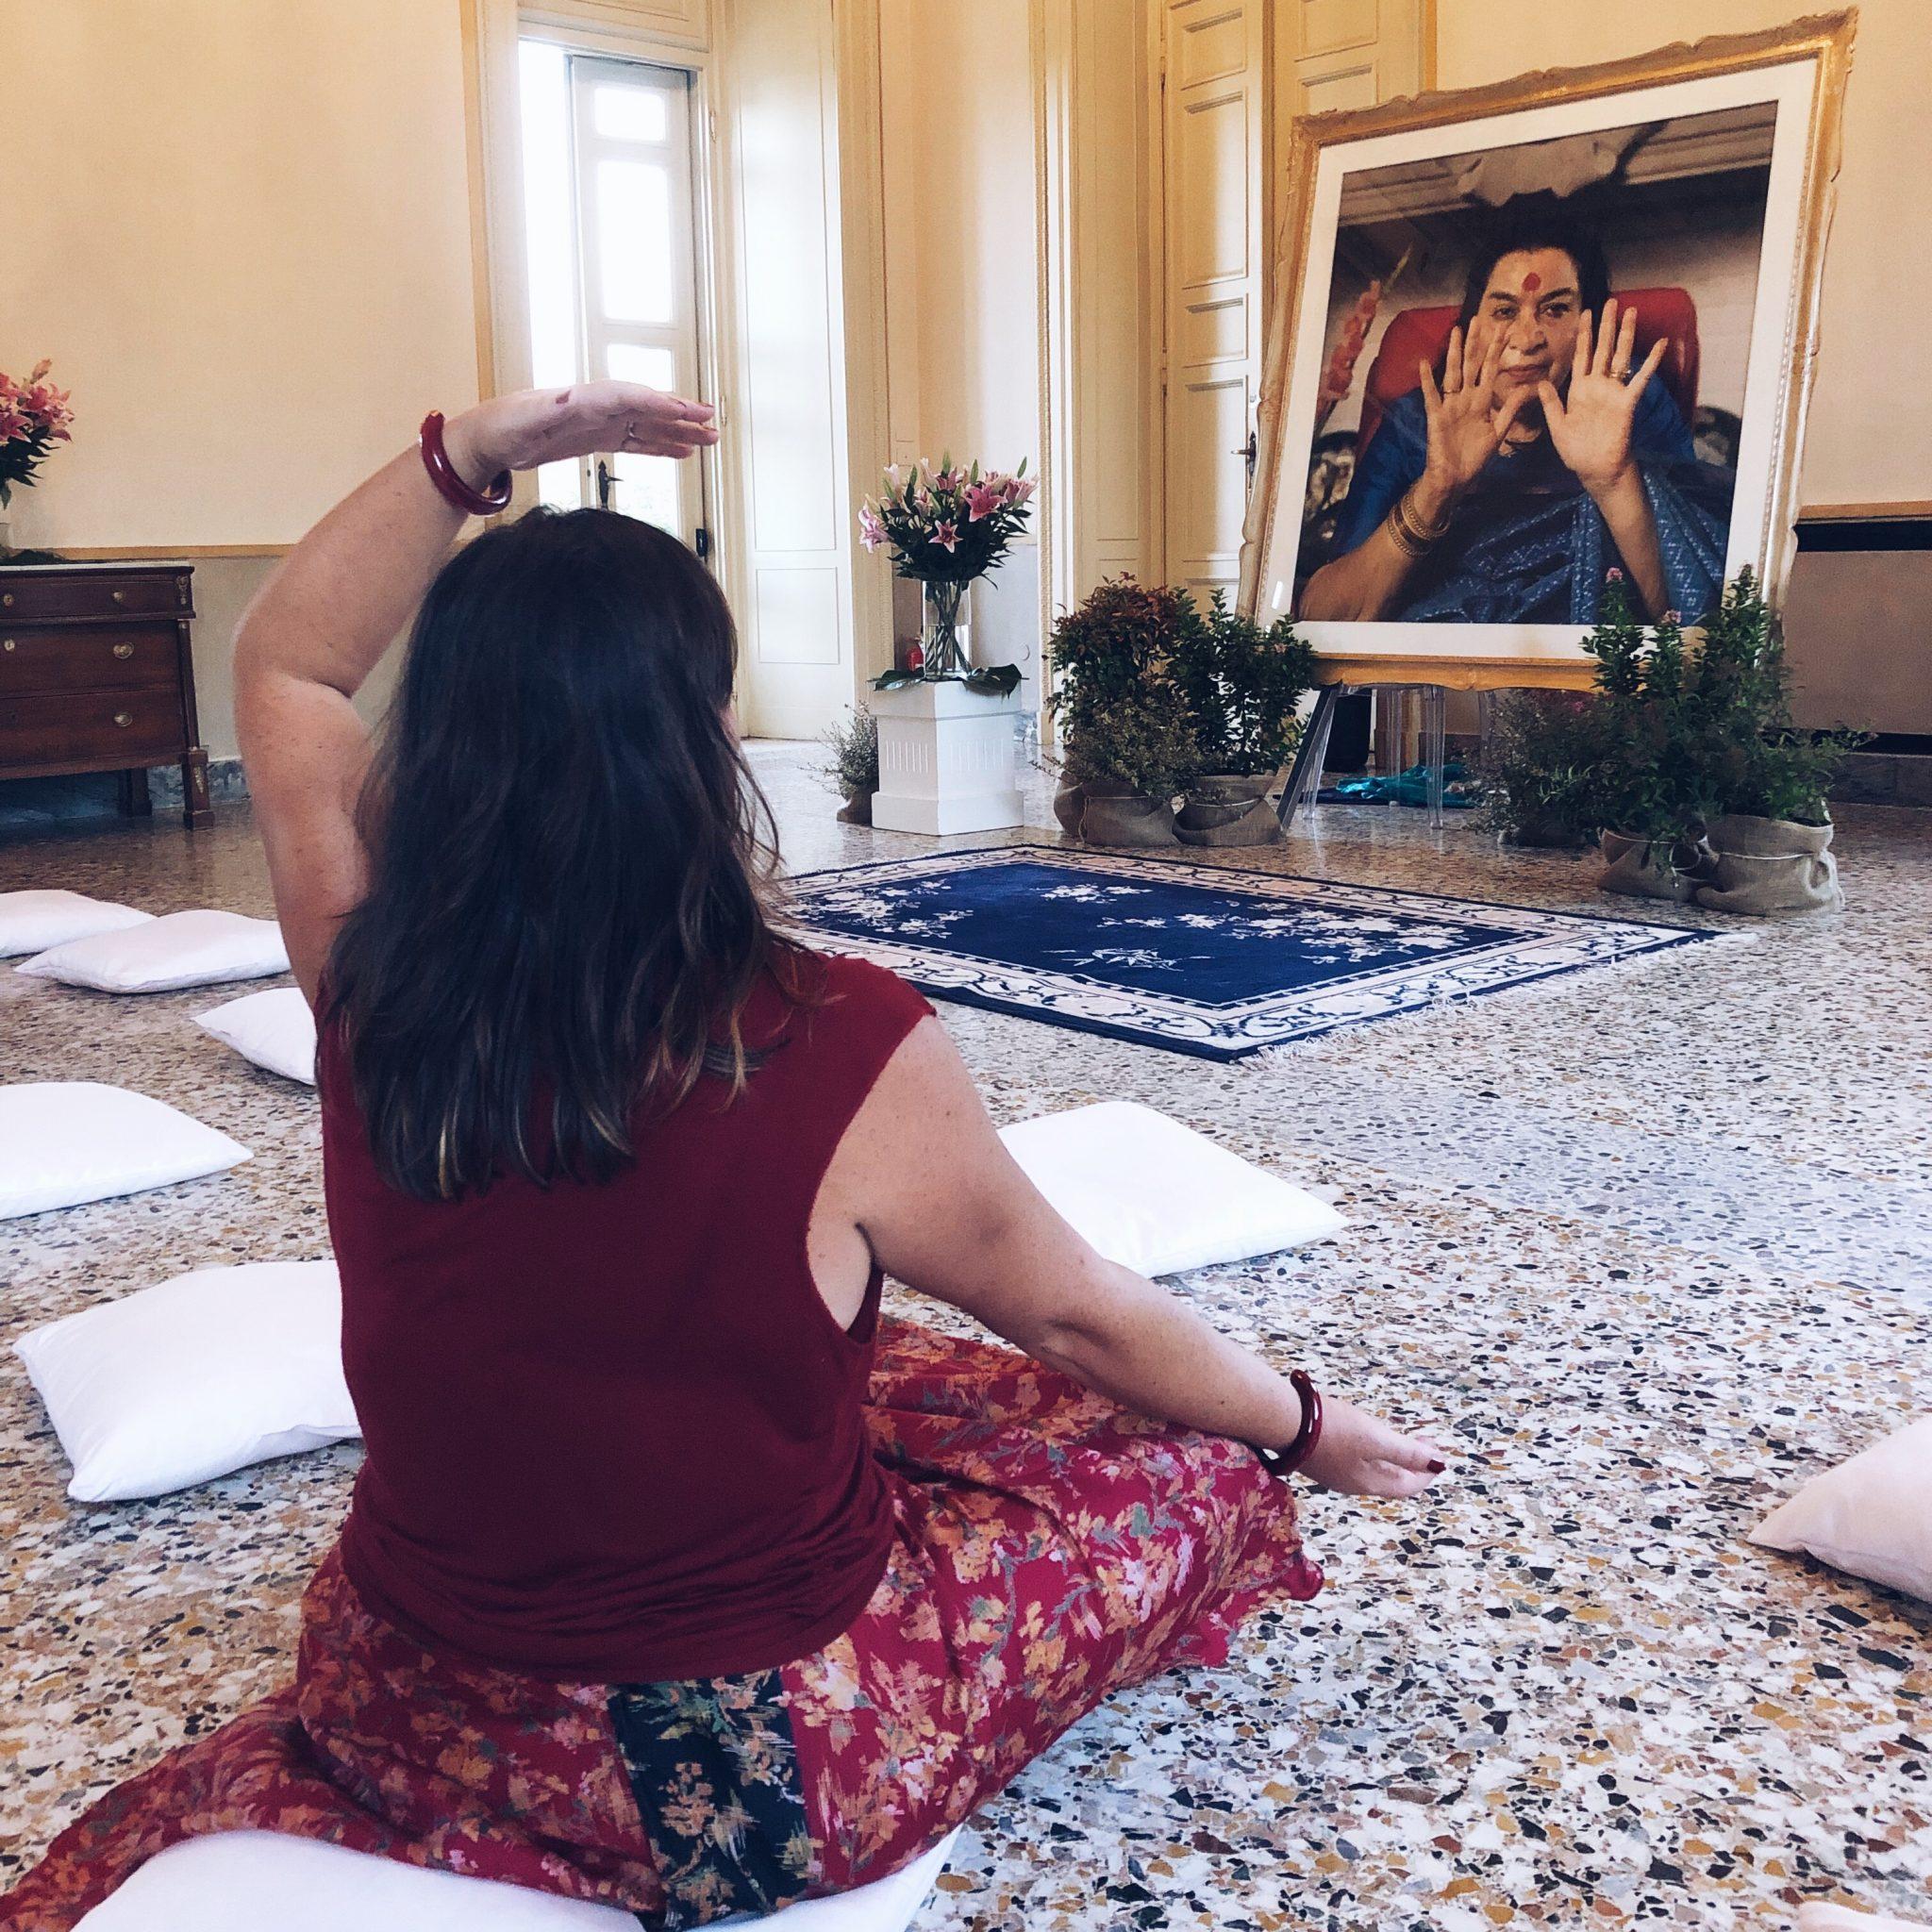 Donna che pratica il risveglio dell'energia Kundalini nel Sahaja Yoga di fronte ad una foto di Shri Mataji - foto di tatianaberlaffa.com